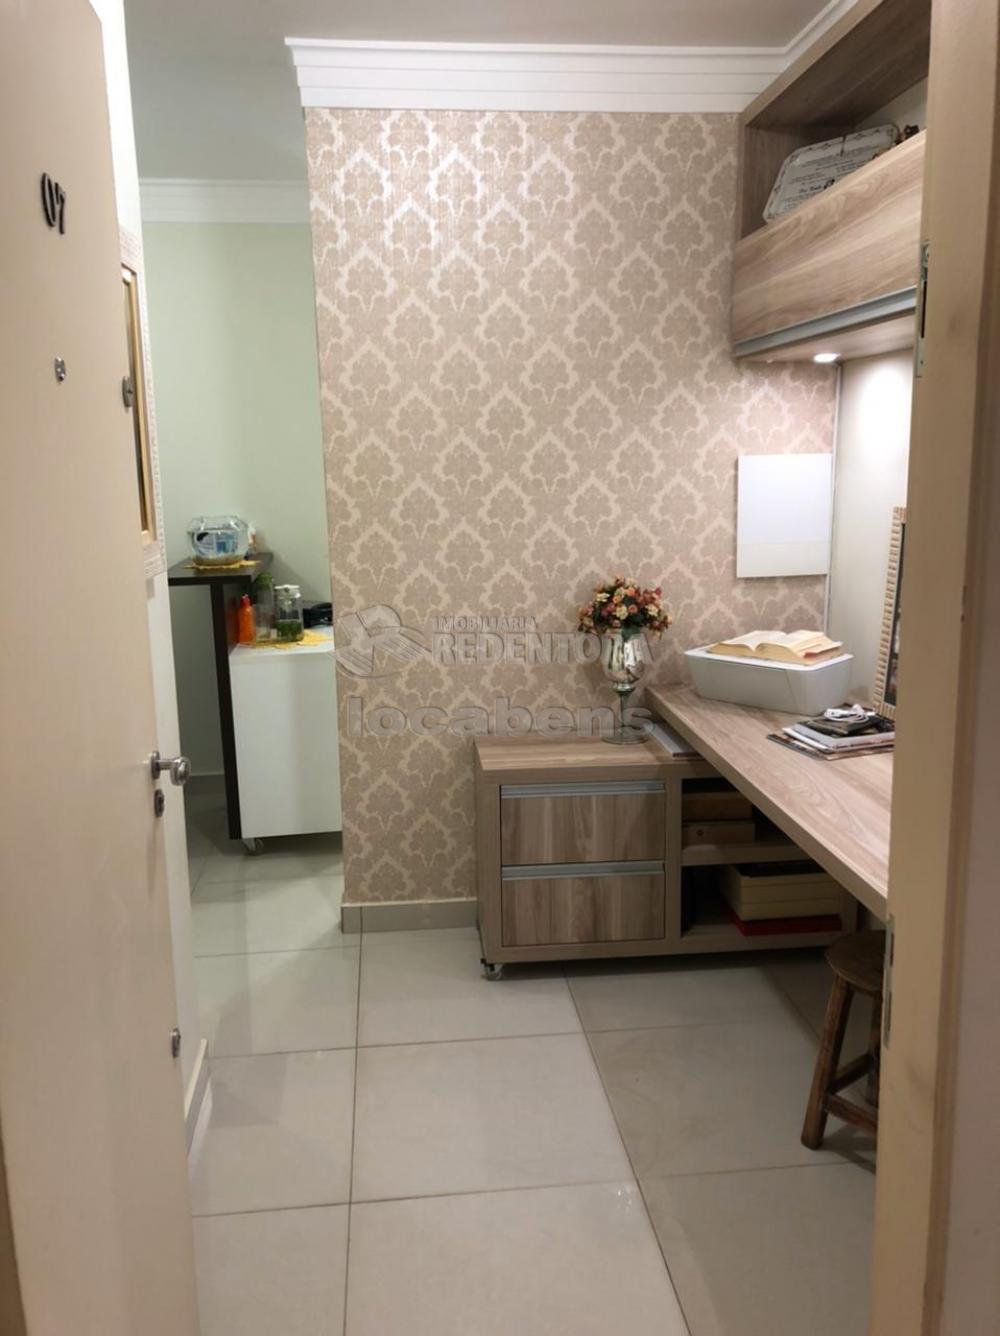 Comprar Apartamento / Padrão em São José do Rio Preto apenas R$ 270.000,00 - Foto 15